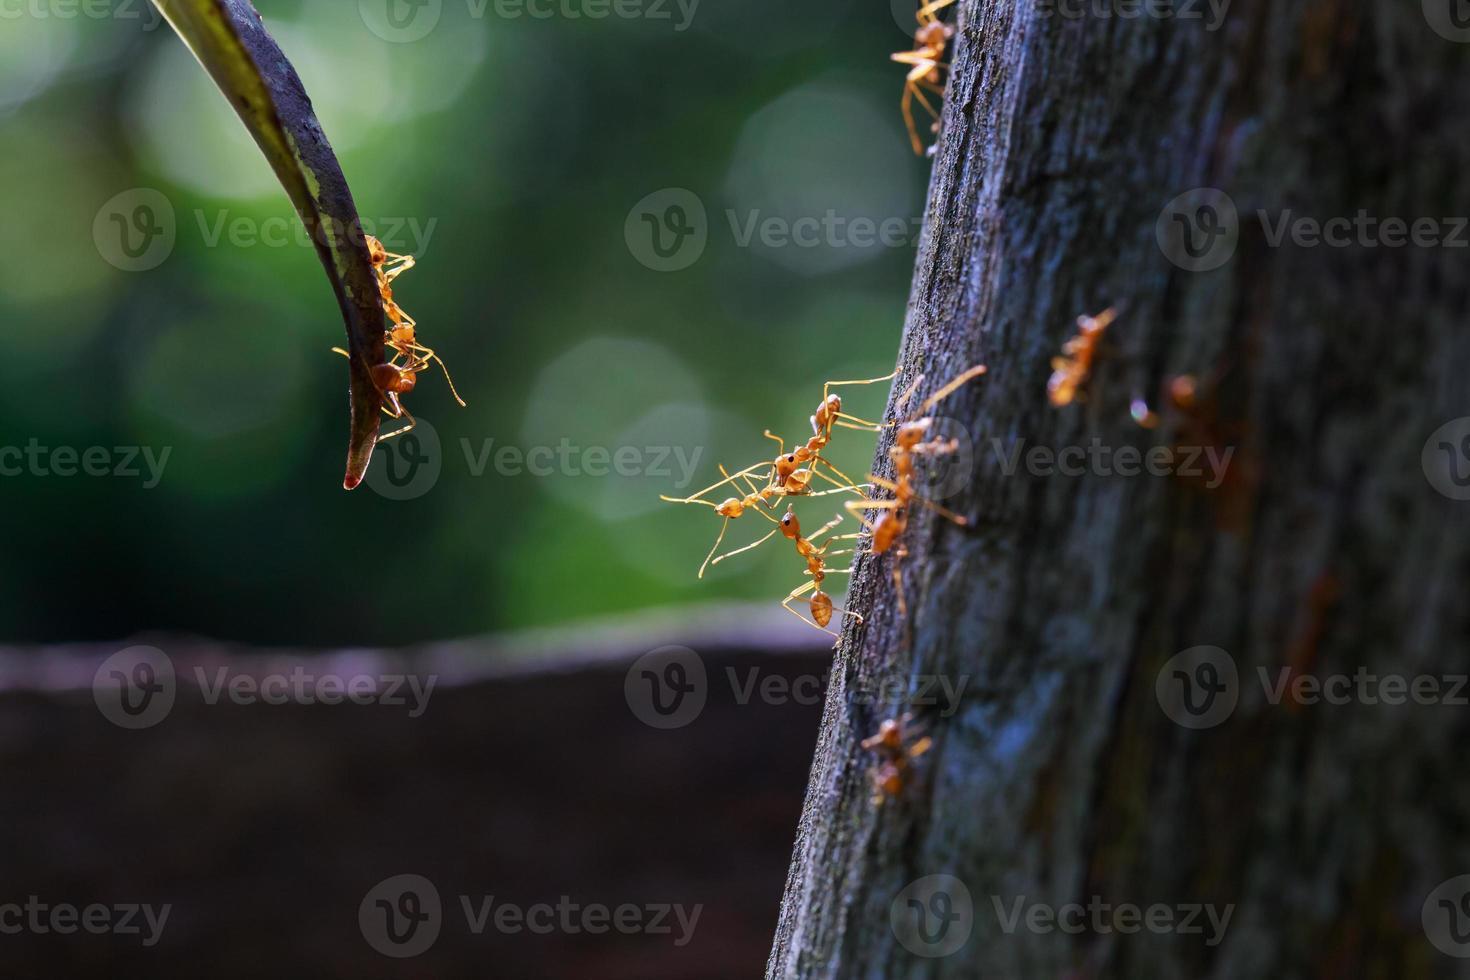 Cerca de la unidad de hormigas que se alcanzan foto